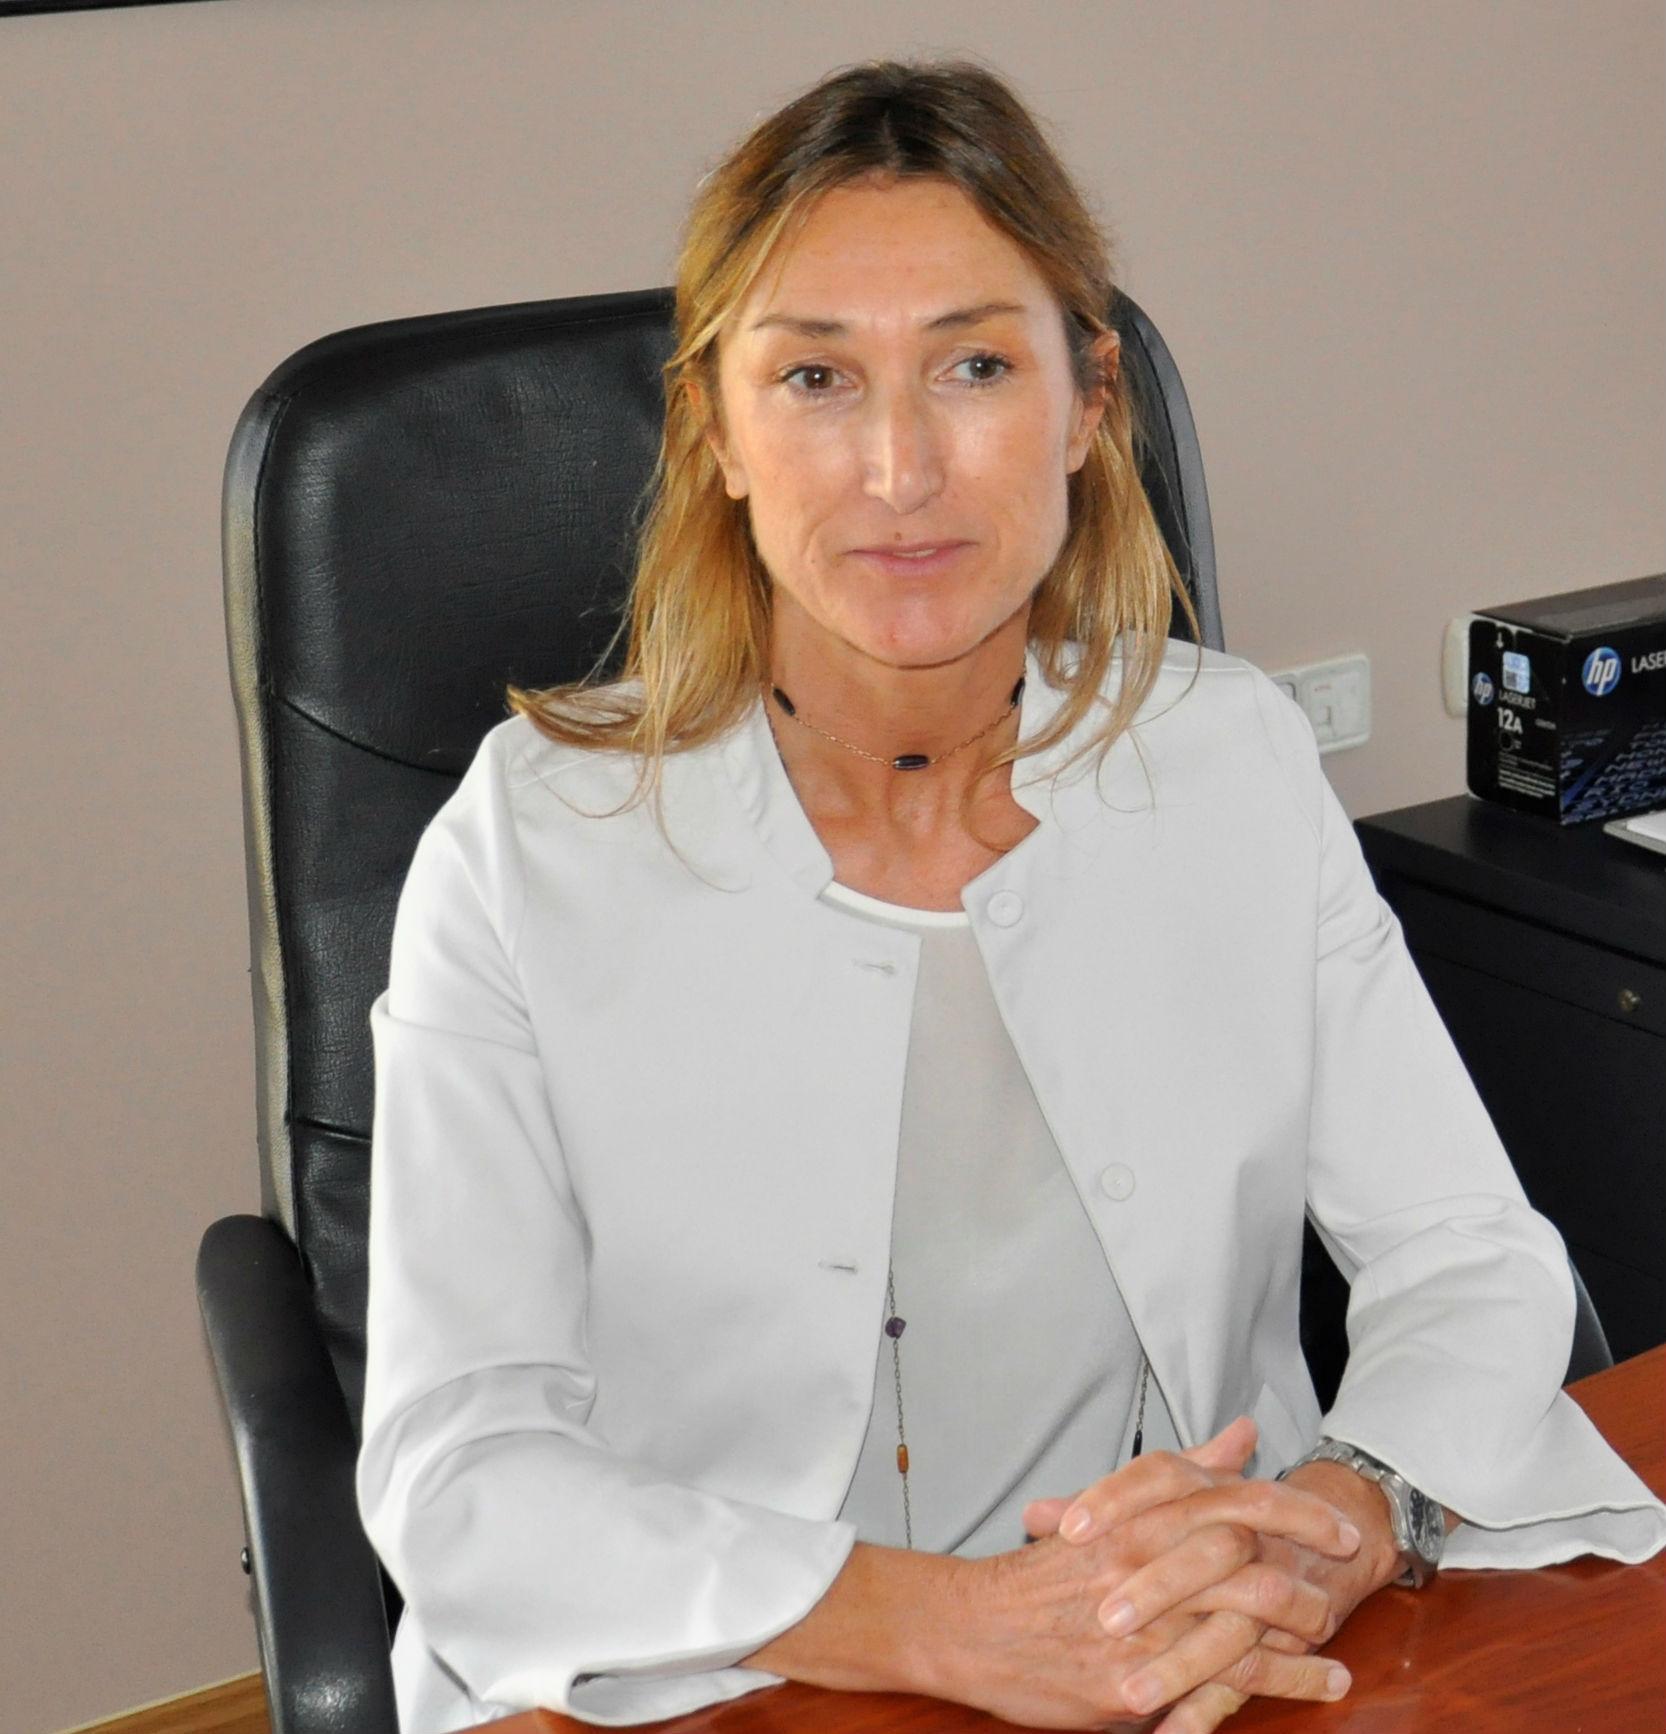 La doctora Marta Figueroa ponente en el primer Retina World Congress, celebrado esta semana en Florida, EEUU